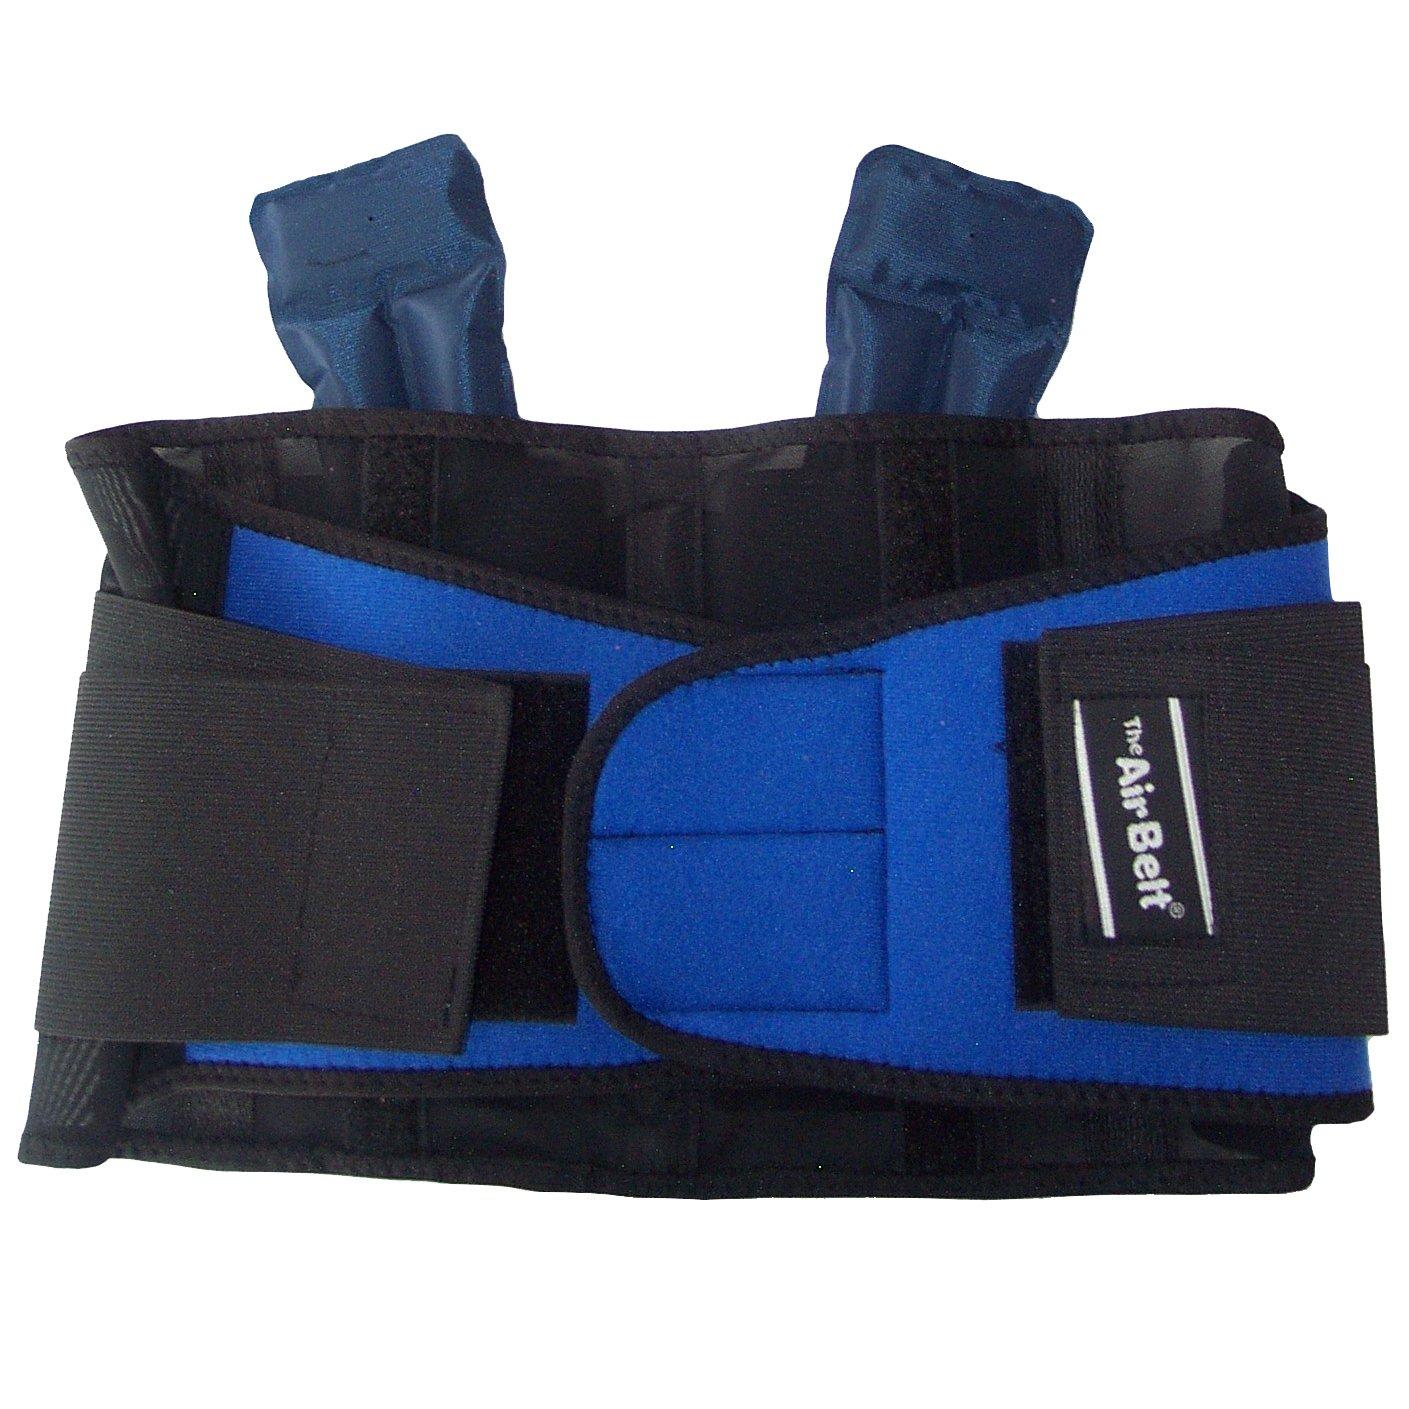 Impacto Air Temp Advantage - Faja hinchable para la espalda, talla L Impacto Protective Products Inc. ATA